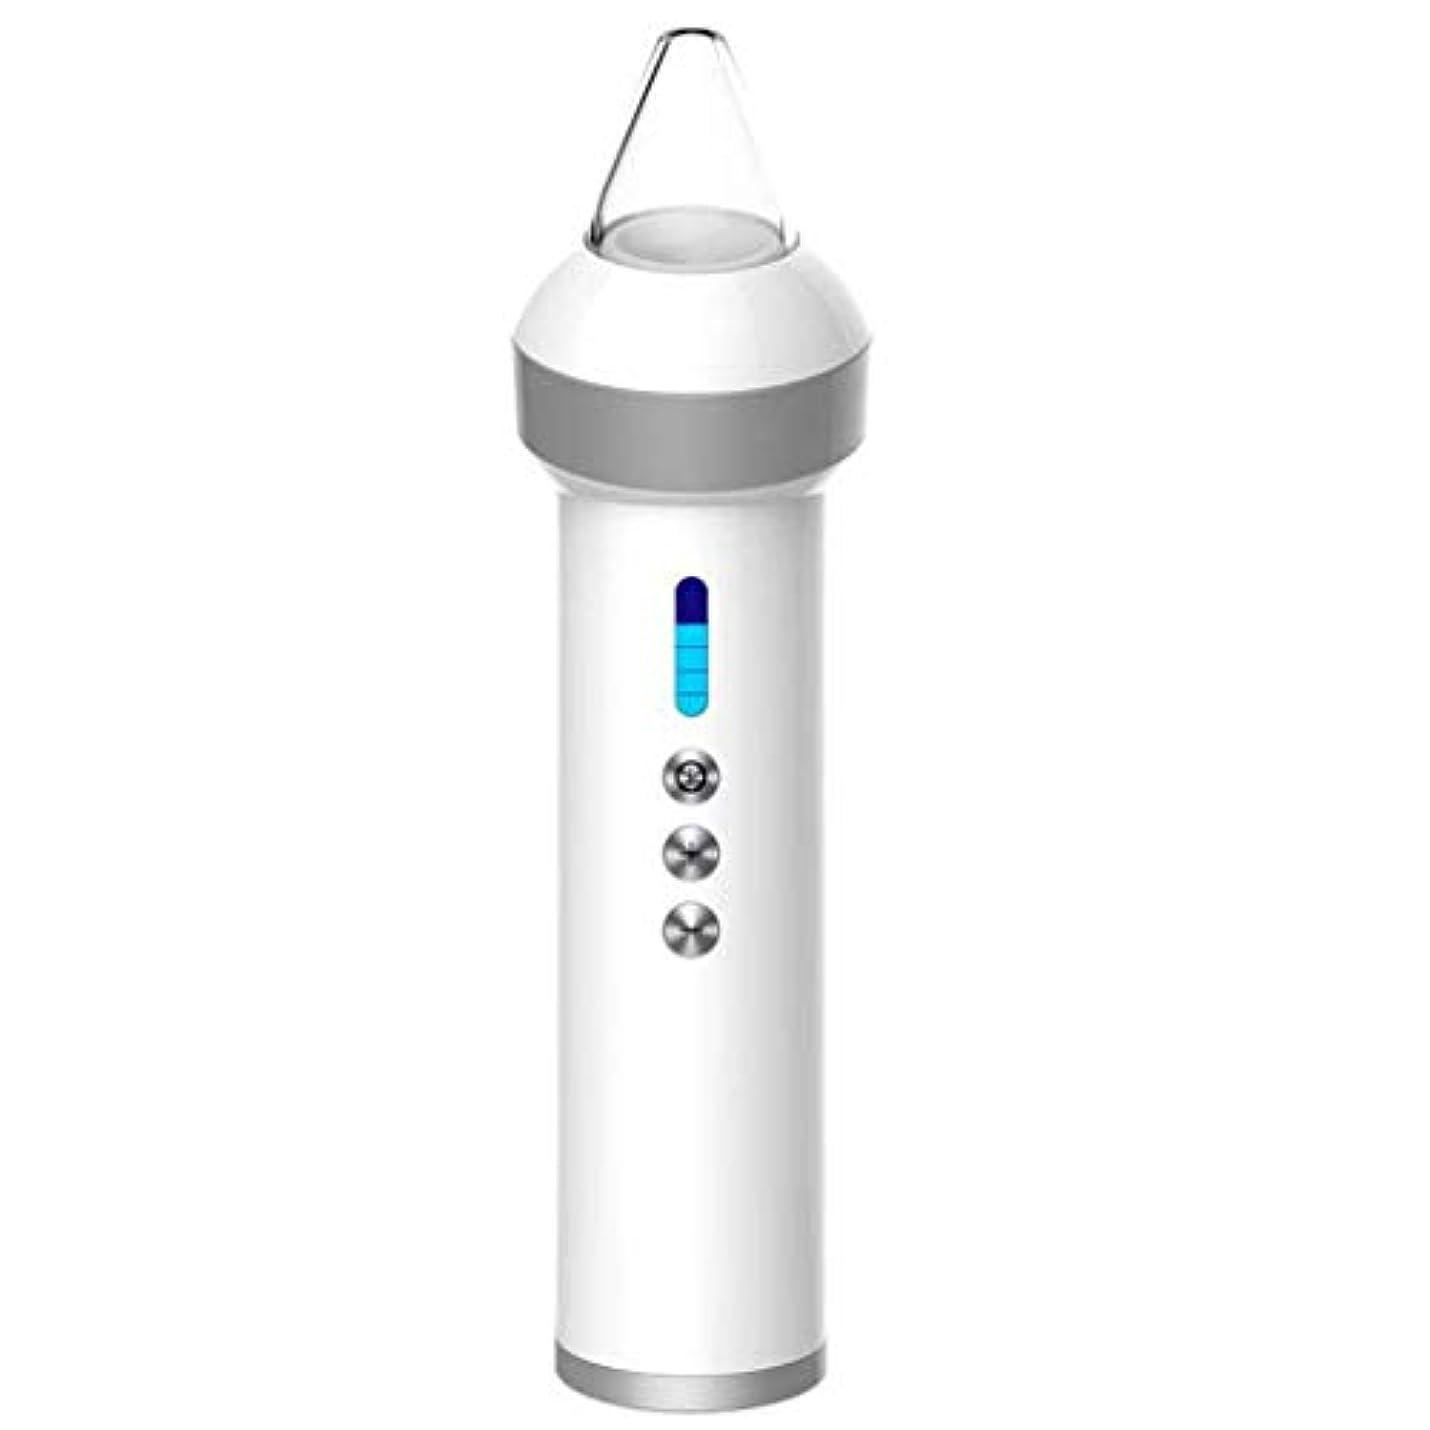 実験をする発明する危機電気にきび楽器電気にきびにきび抽出器USB充電式電気皮膚毛穴クレンザー